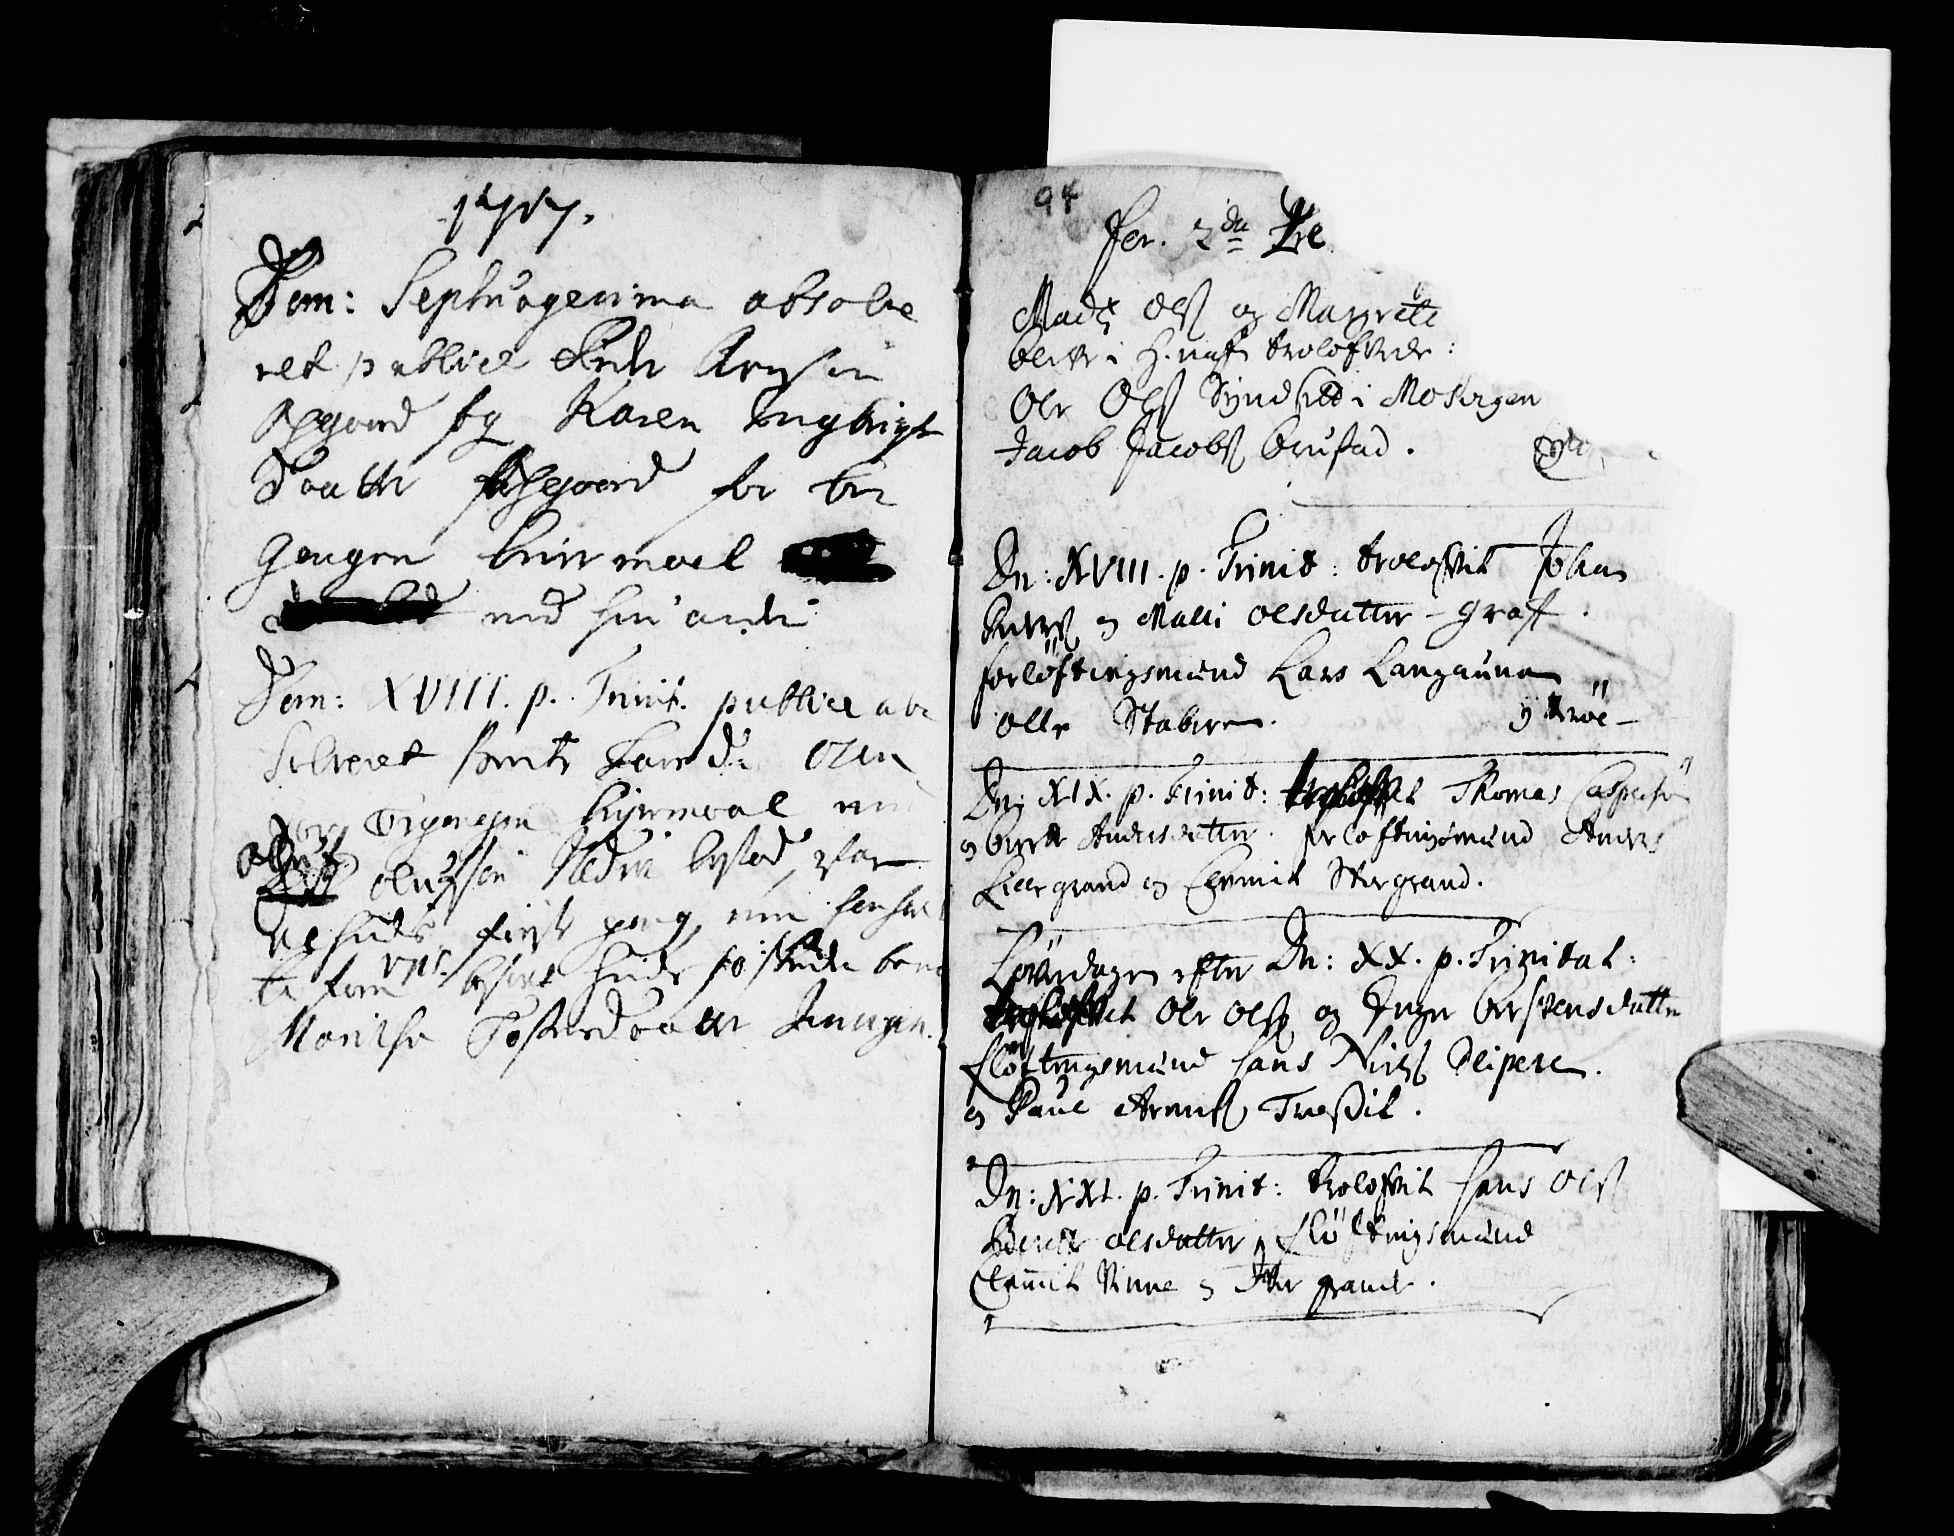 SAT, Ministerialprotokoller, klokkerbøker og fødselsregistre - Nord-Trøndelag, 722/L0214: Ministerialbok nr. 722A01, 1692-1718, s. 94